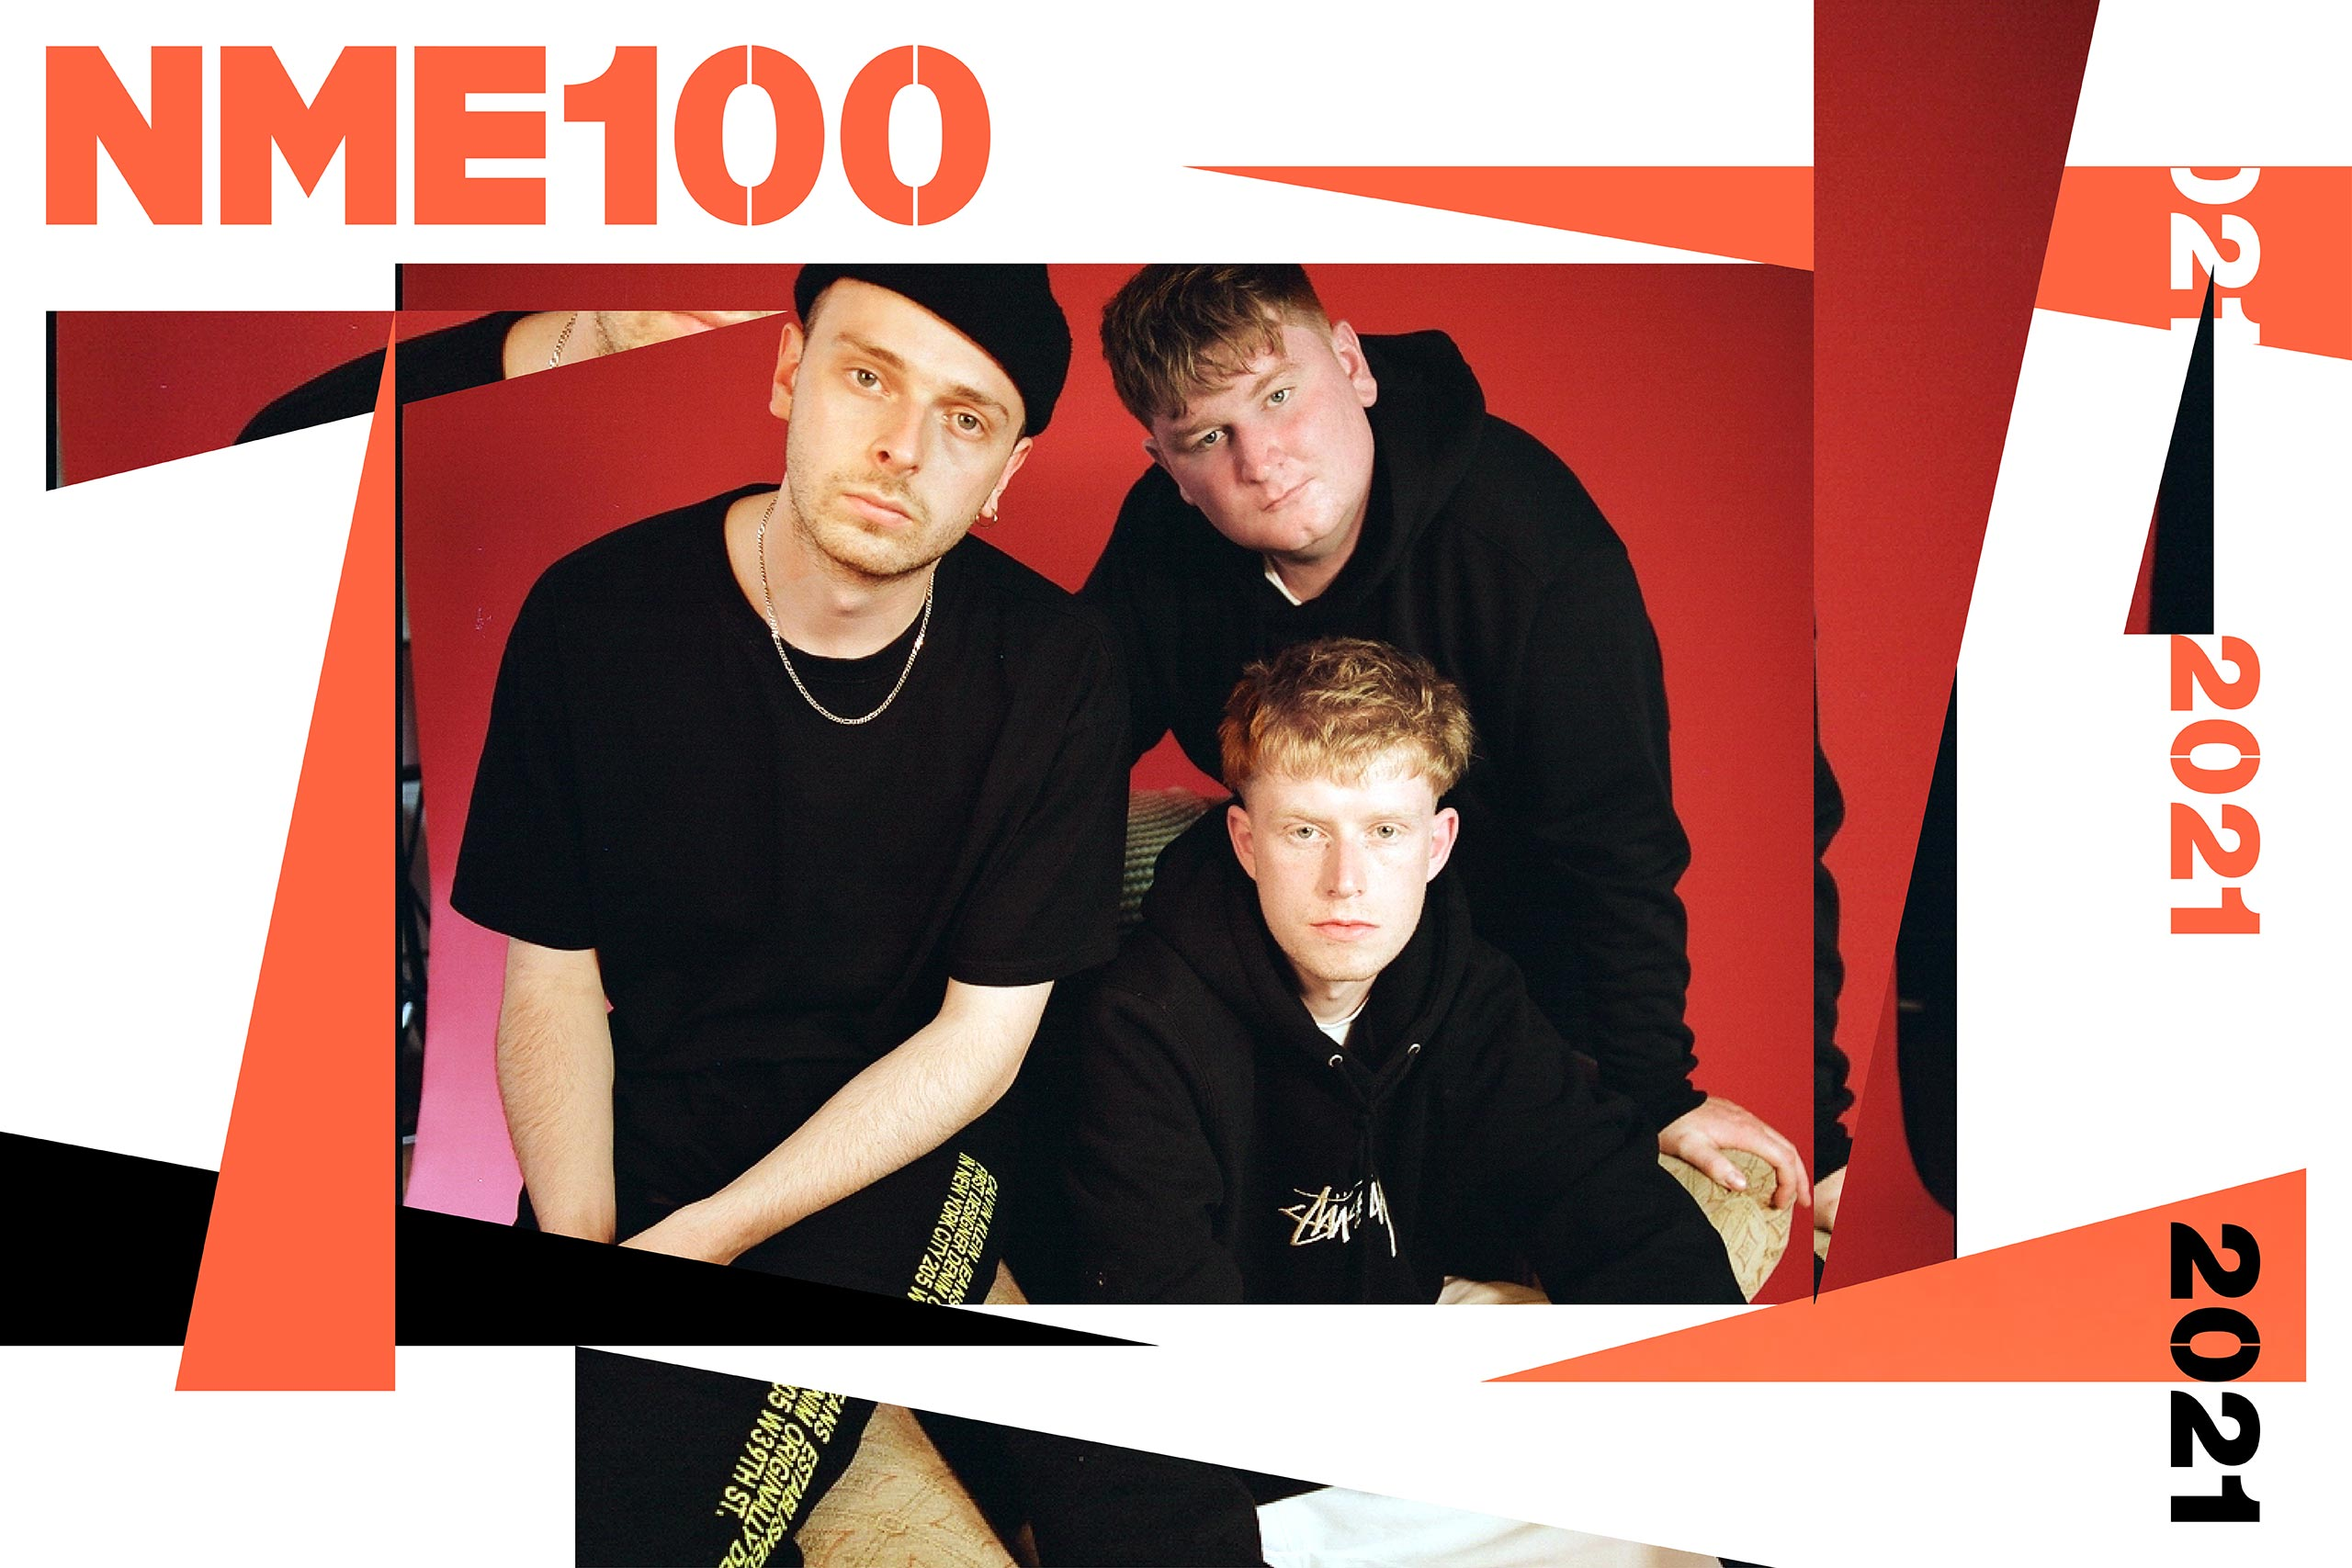 NME 100 noisy